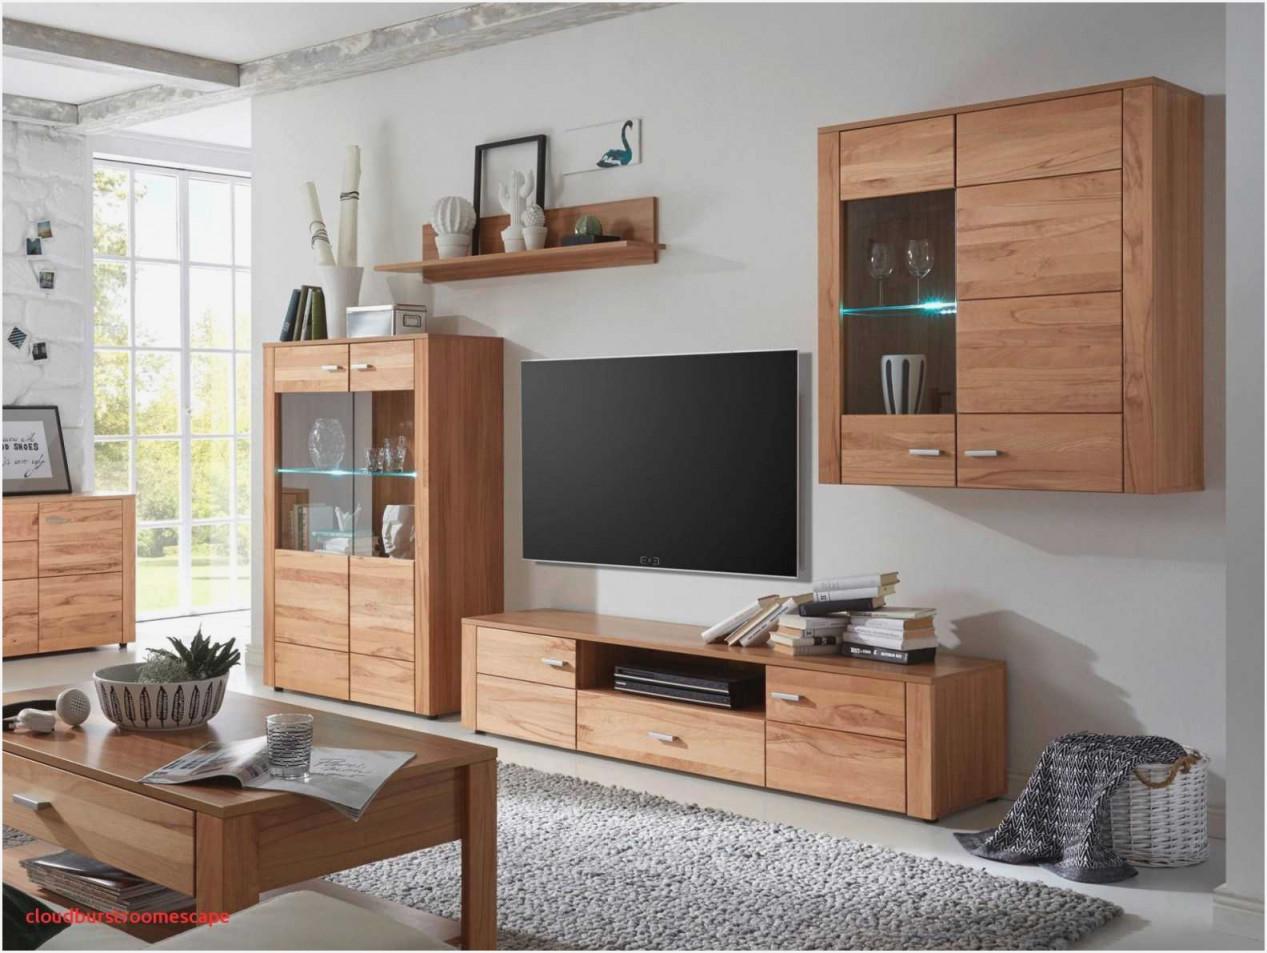 Wohnzimmer Live Edge Möbel Welche Deko  Wohnzimmer von Wohnzimmer Ideen Holzmöbel Bild